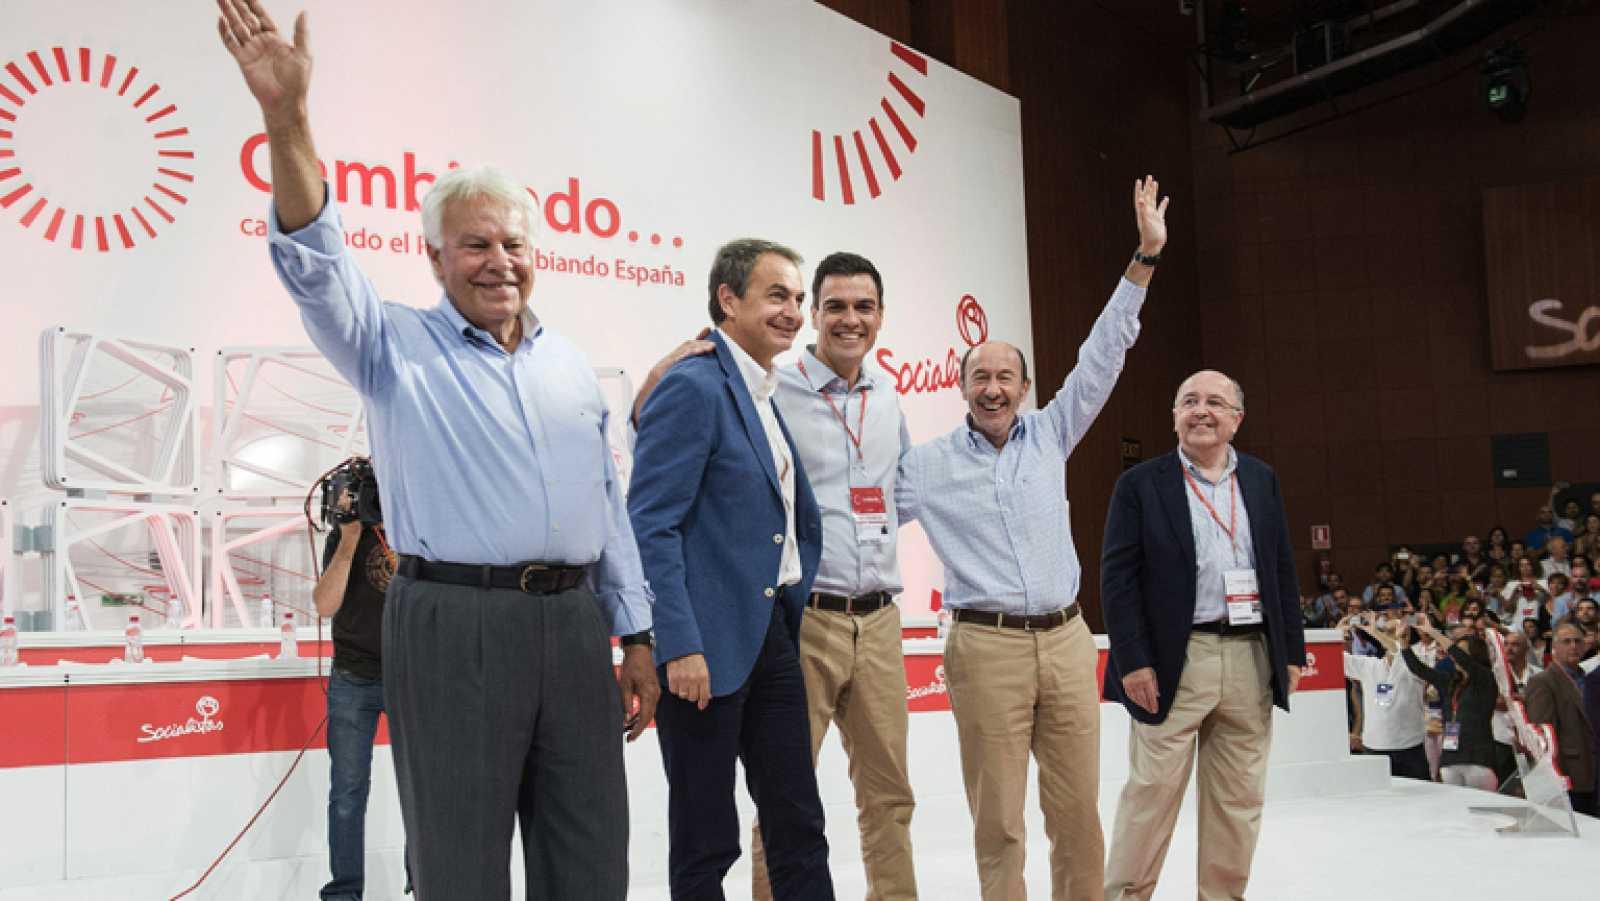 Para el líder del PSOE ha llegado la hora de trabajar y ser una alternativa de verdad